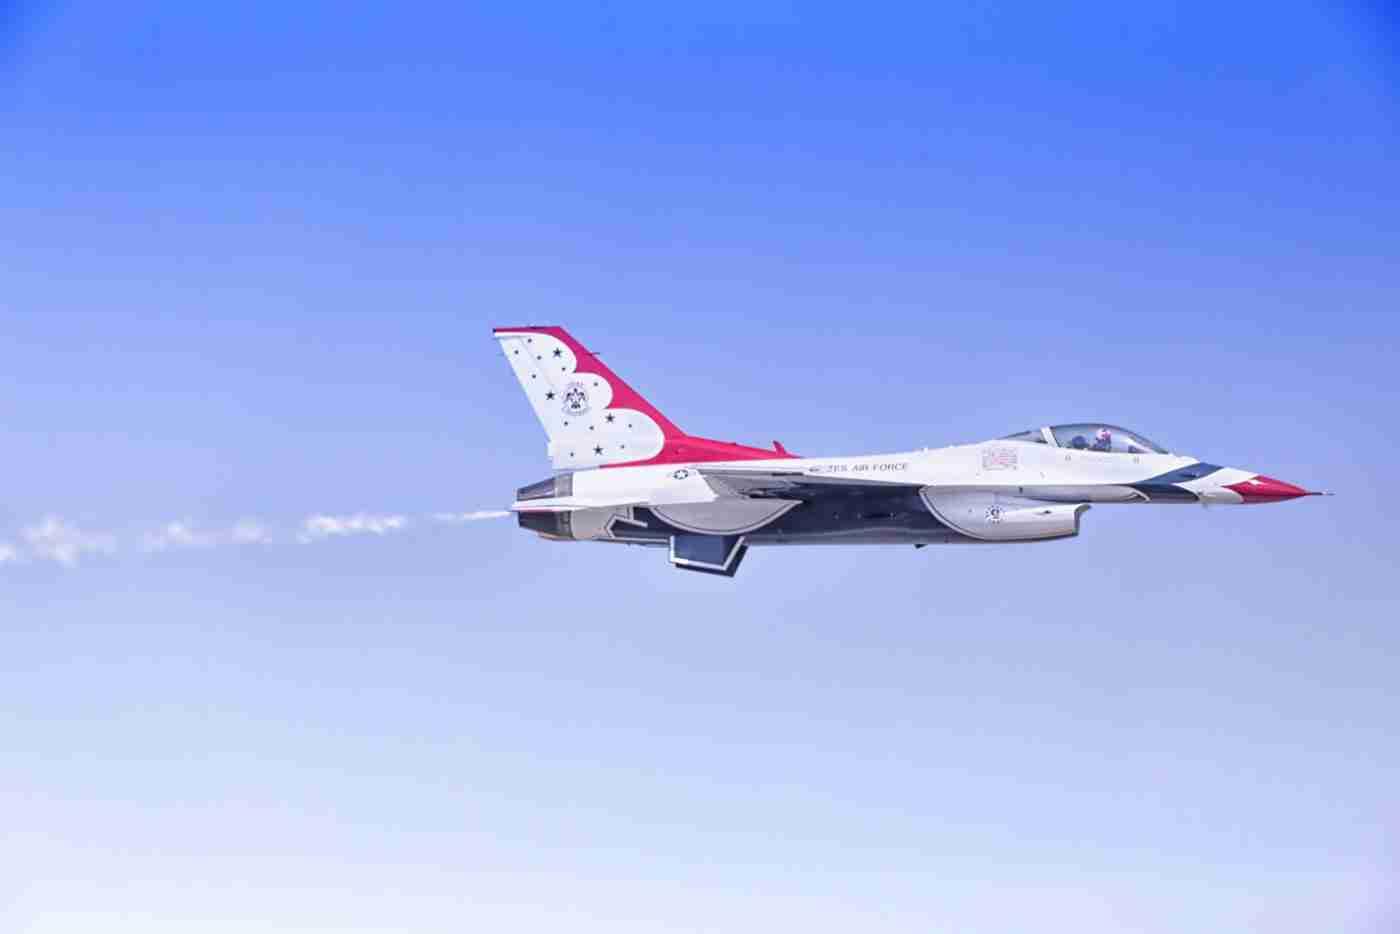 A Lone Air Force Thunderbird F-16